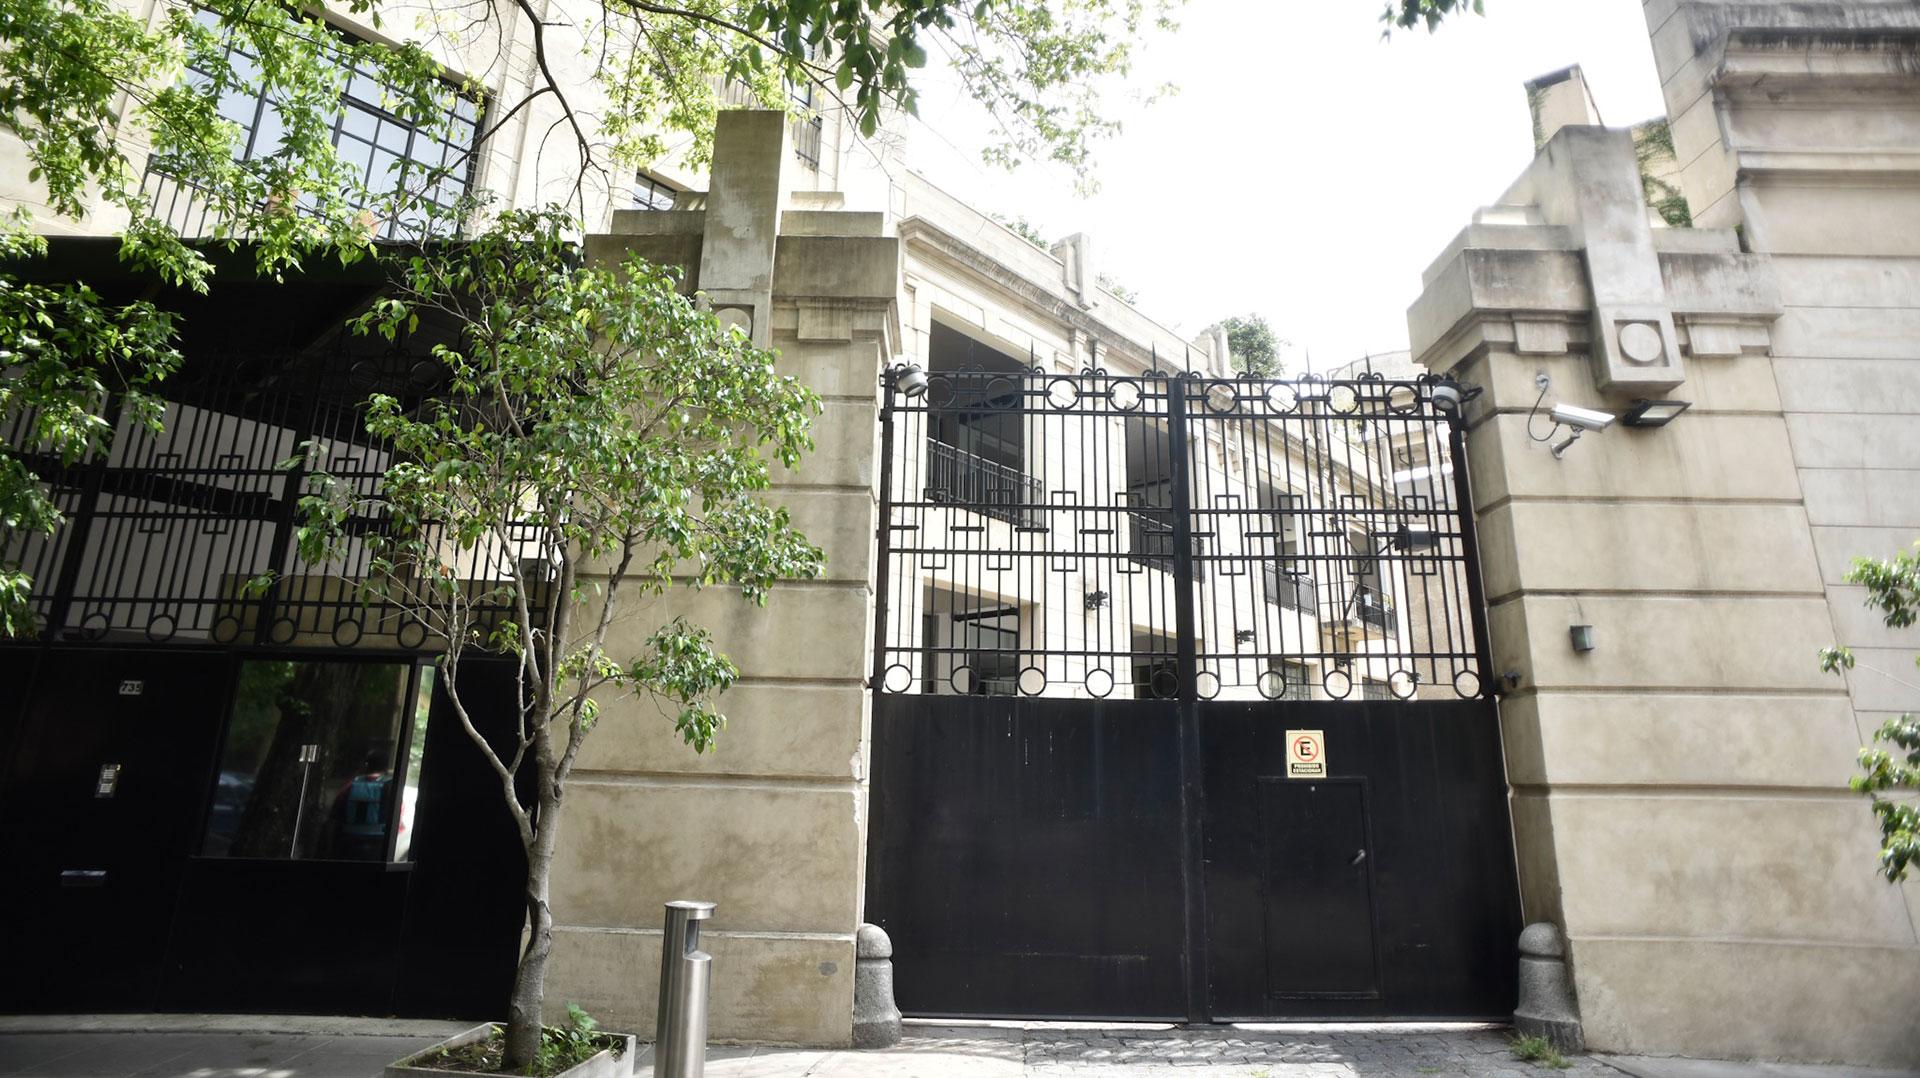 La casa de Barracas en la que vivirá Boudou (Adrián Escandar)